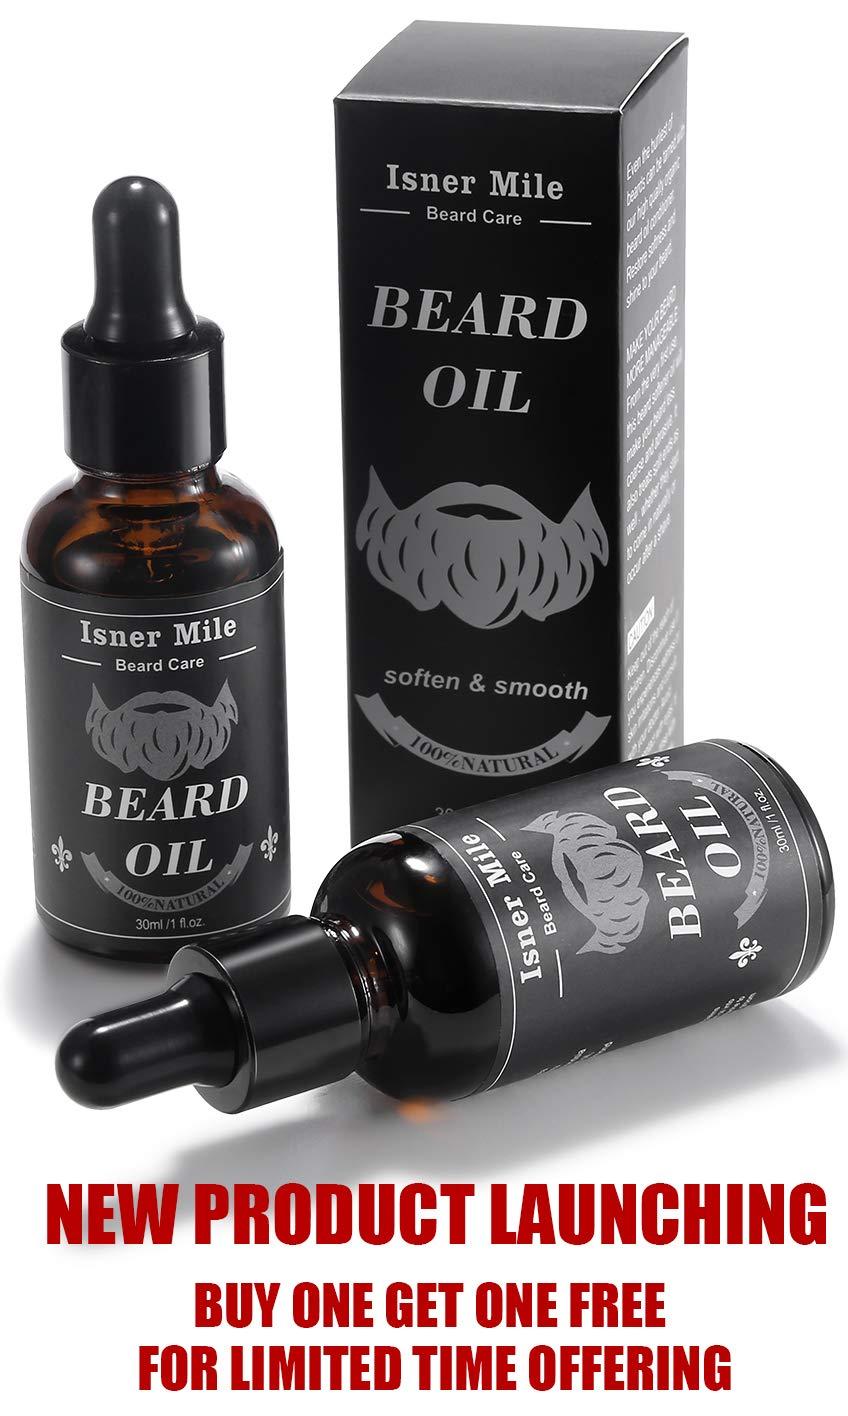 Mejor Elección 2 Paquetes Ricino Aceite de Barba para Hombres Cuidado de Barba, Ideal para El Crecimiento de La Barba, Suavizar, Hidratar, Fortalecer ...